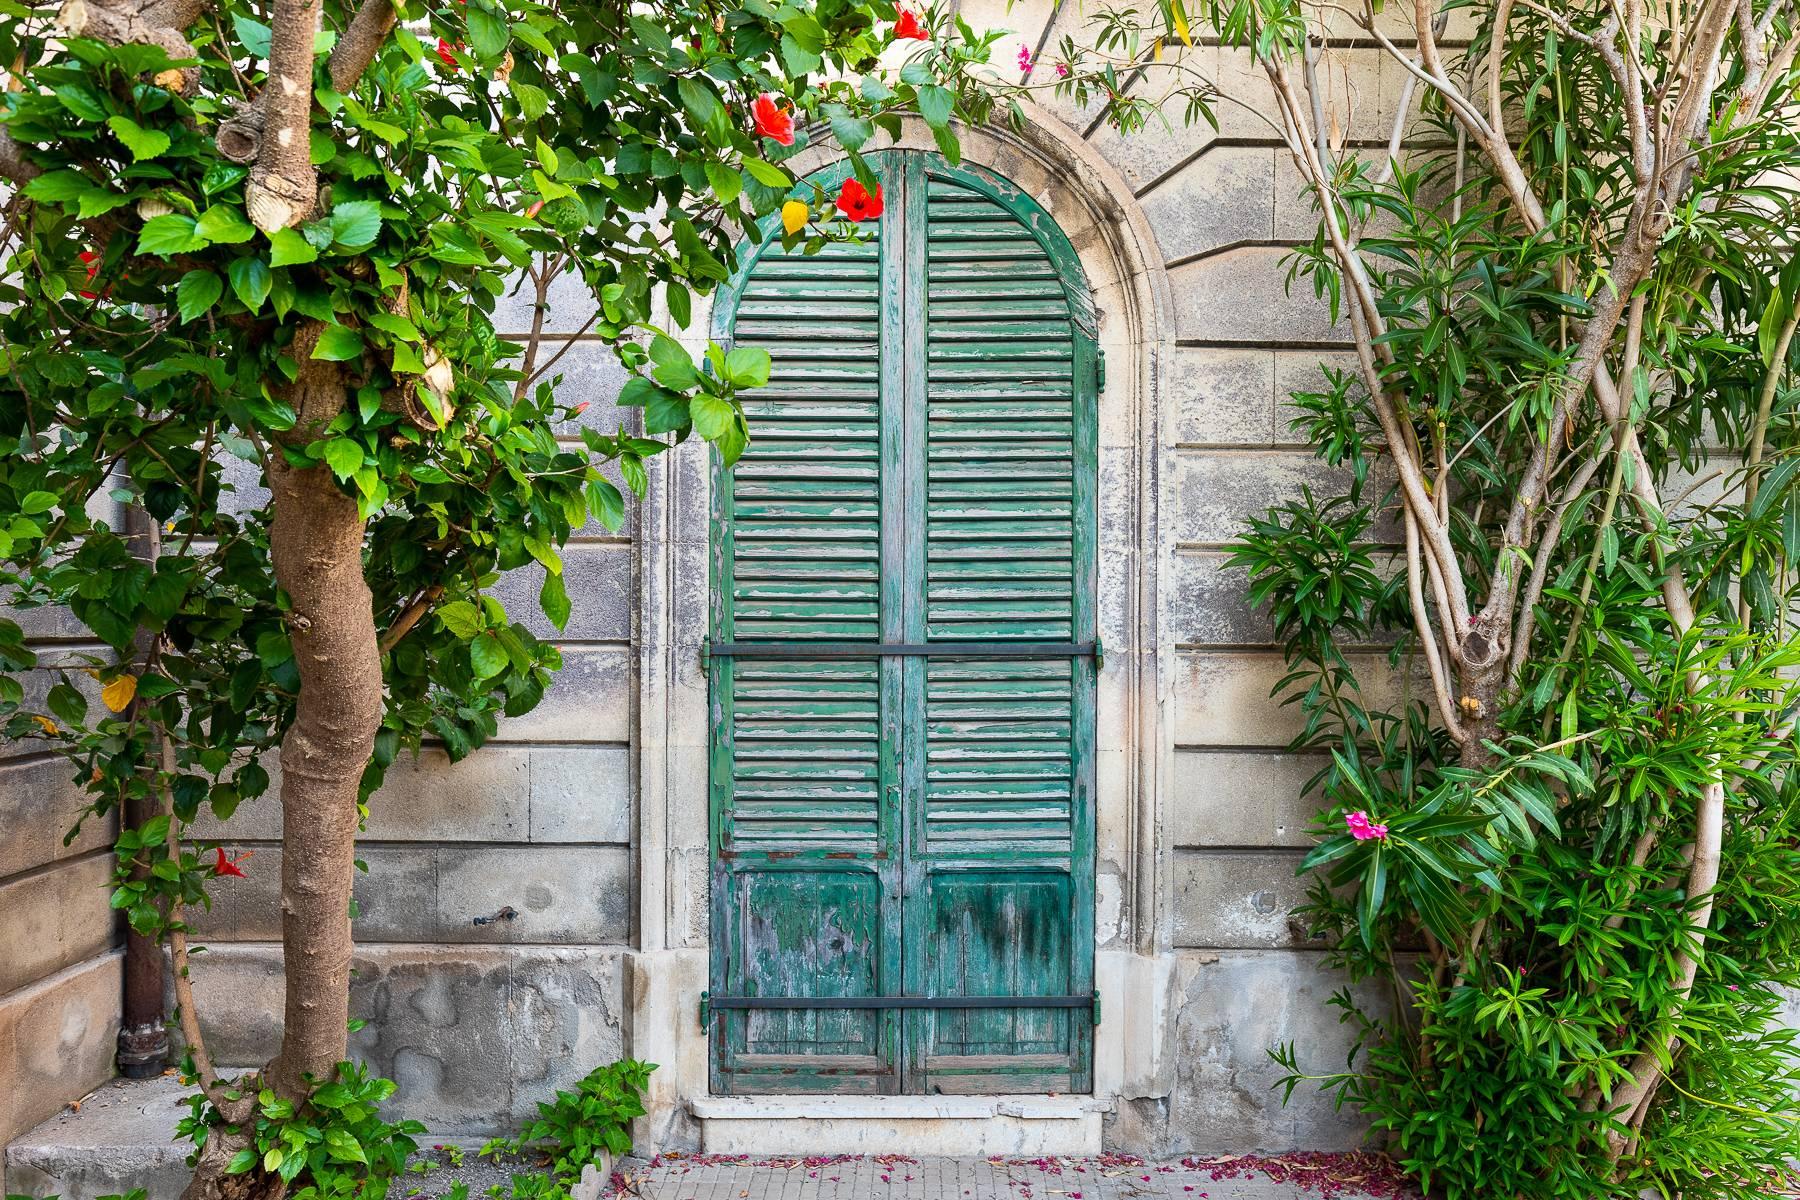 Casa indipendente in Vendita a Trapani: 5 locali, 740 mq - Foto 18